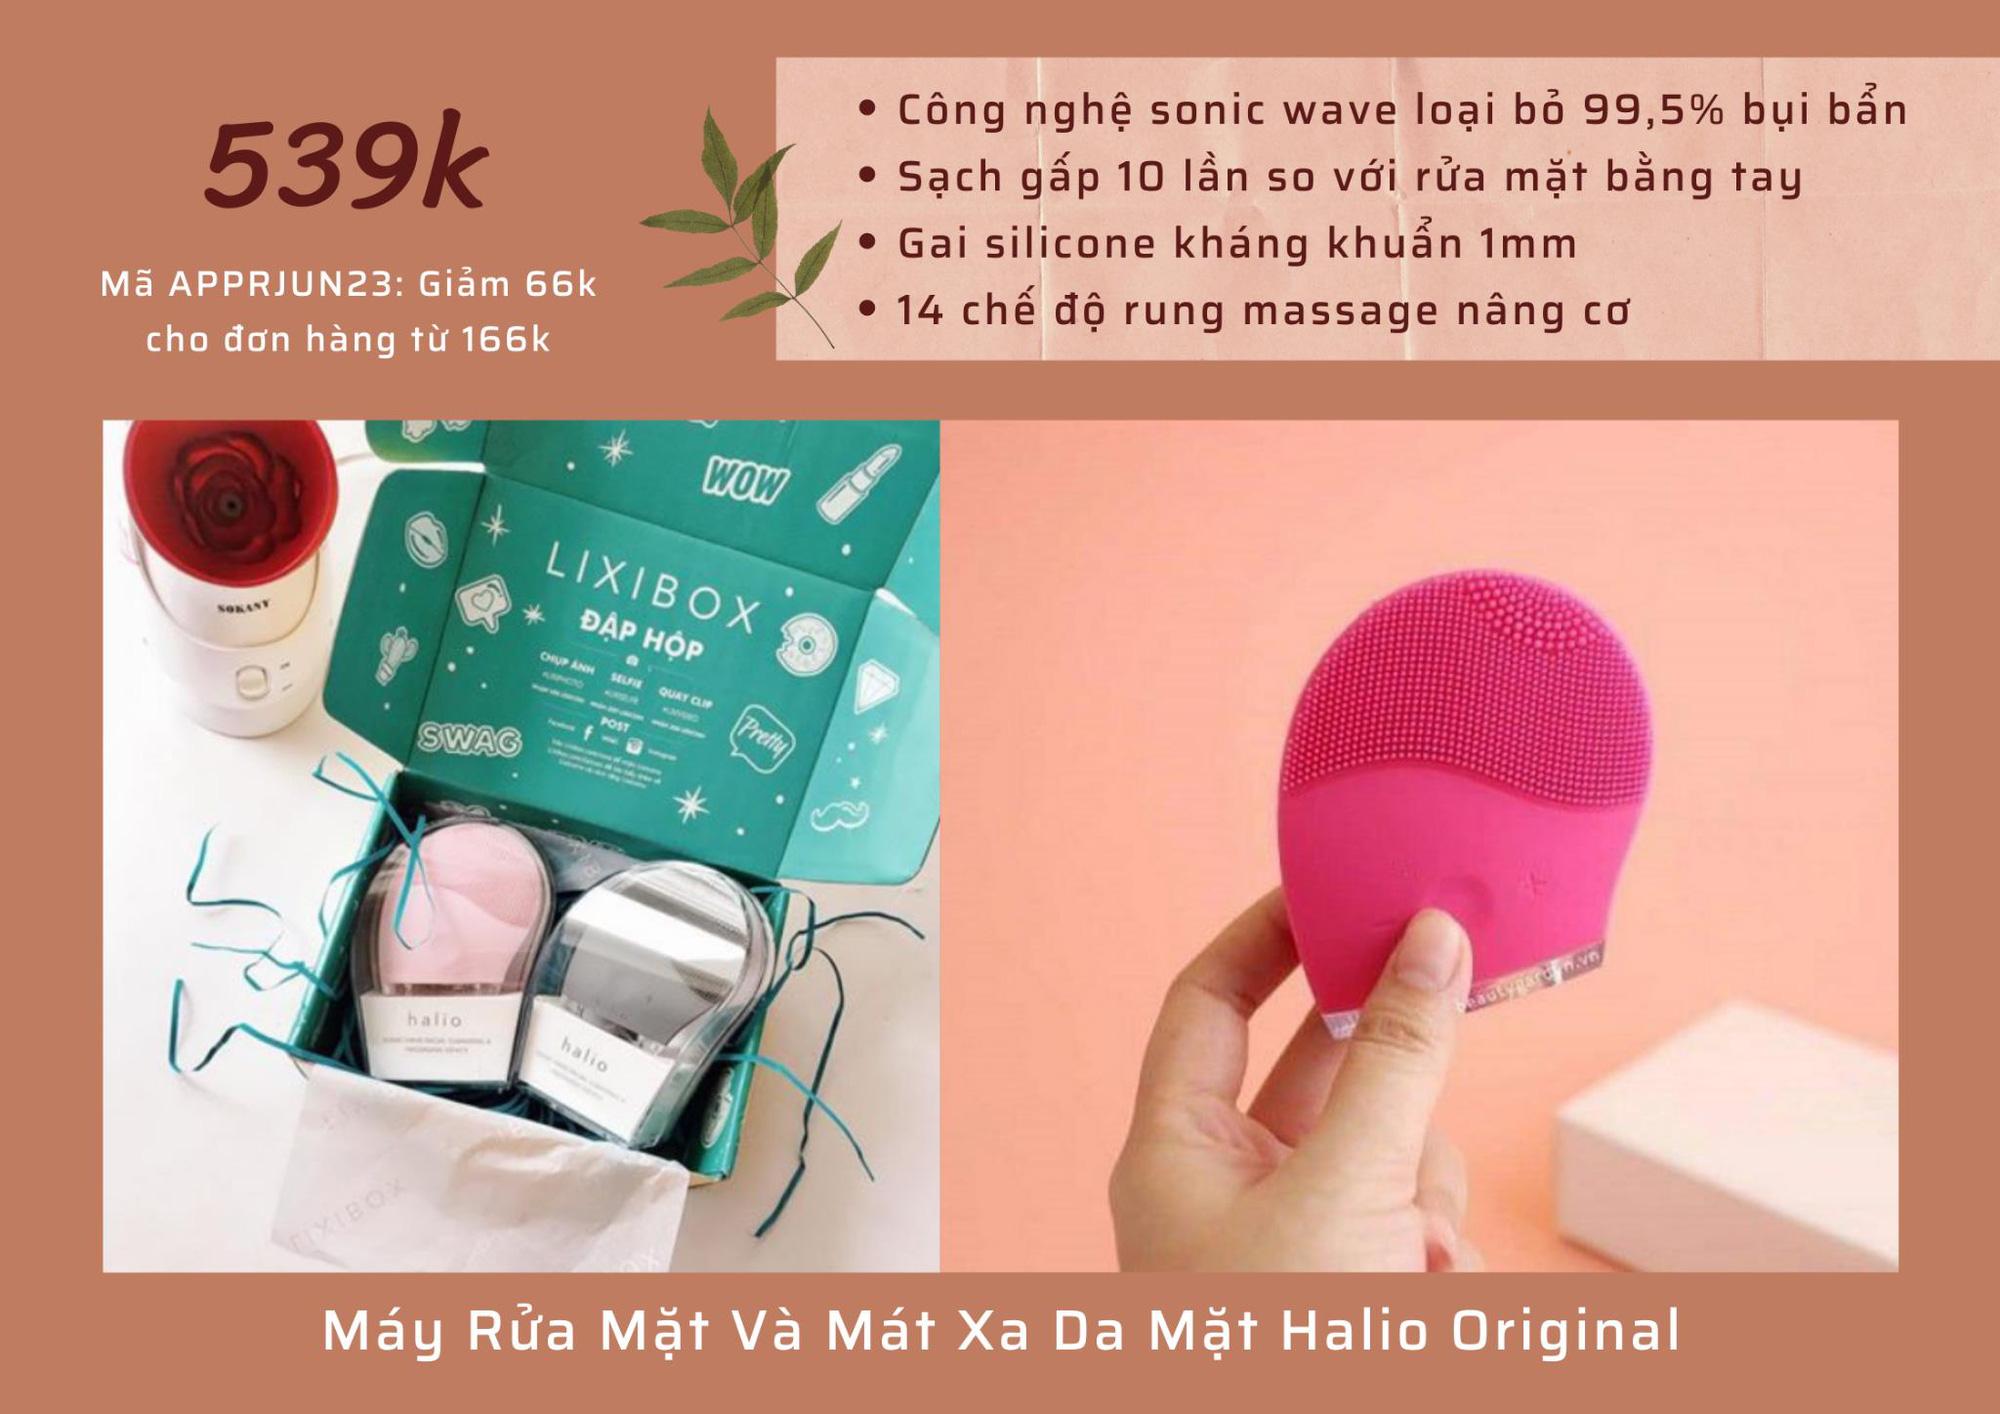 Điểm danh loạt máy skincare công nghệ cao để nàng chăm da tại nhà như spa có giá từ 539K - Ảnh 1.